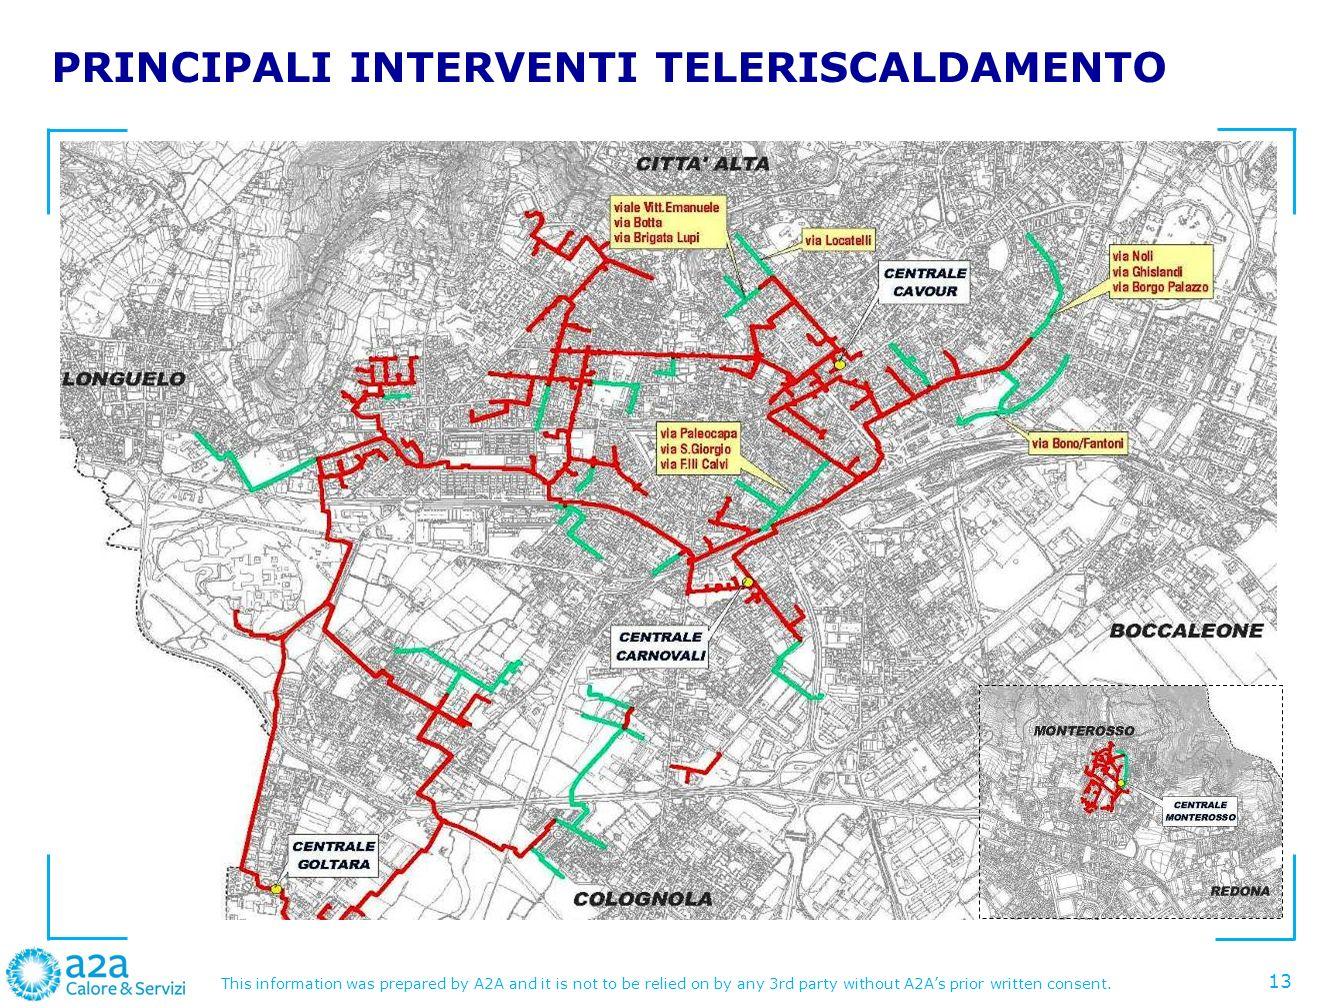 PRINCIPALI INTERVENTI TELERISCALDAMENTO